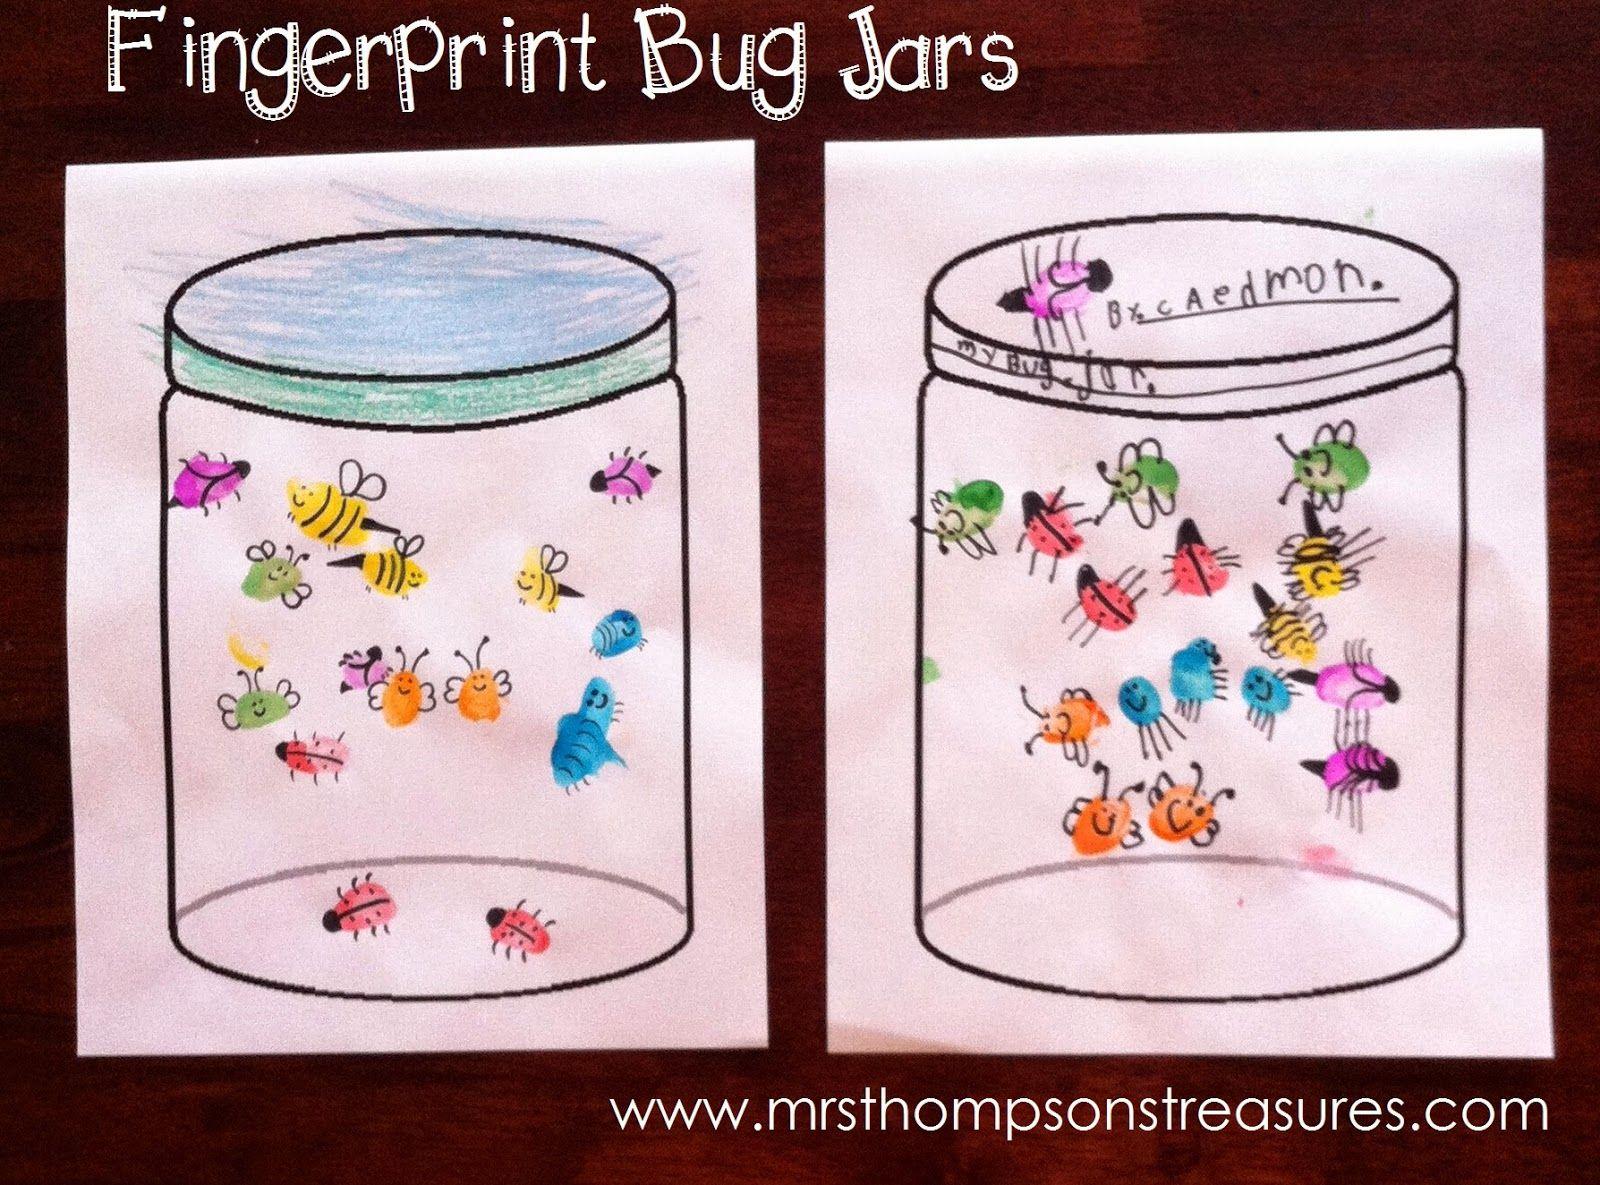 Fingerprint Bug Jars